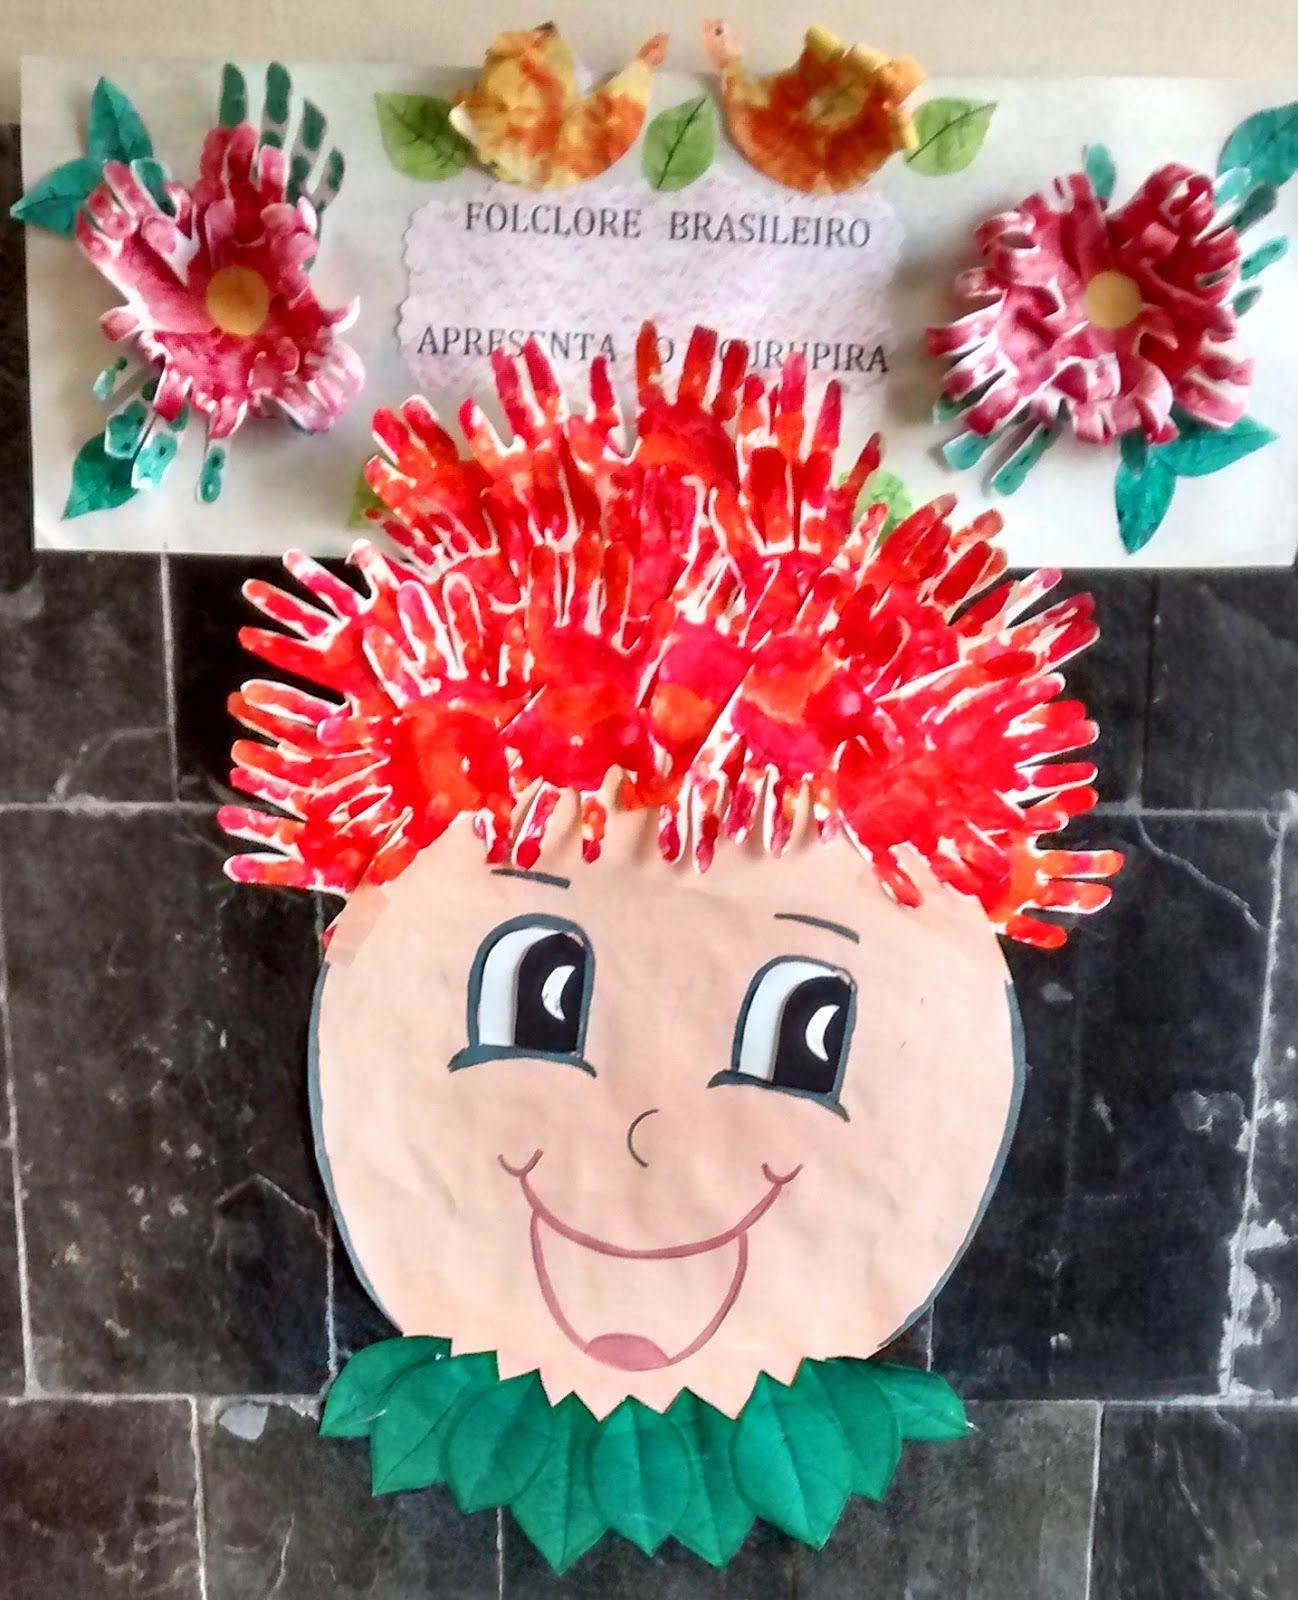 Imagem Relacionada Folclore Projeto Folclore Educacao Infantil Dia Do Folclore